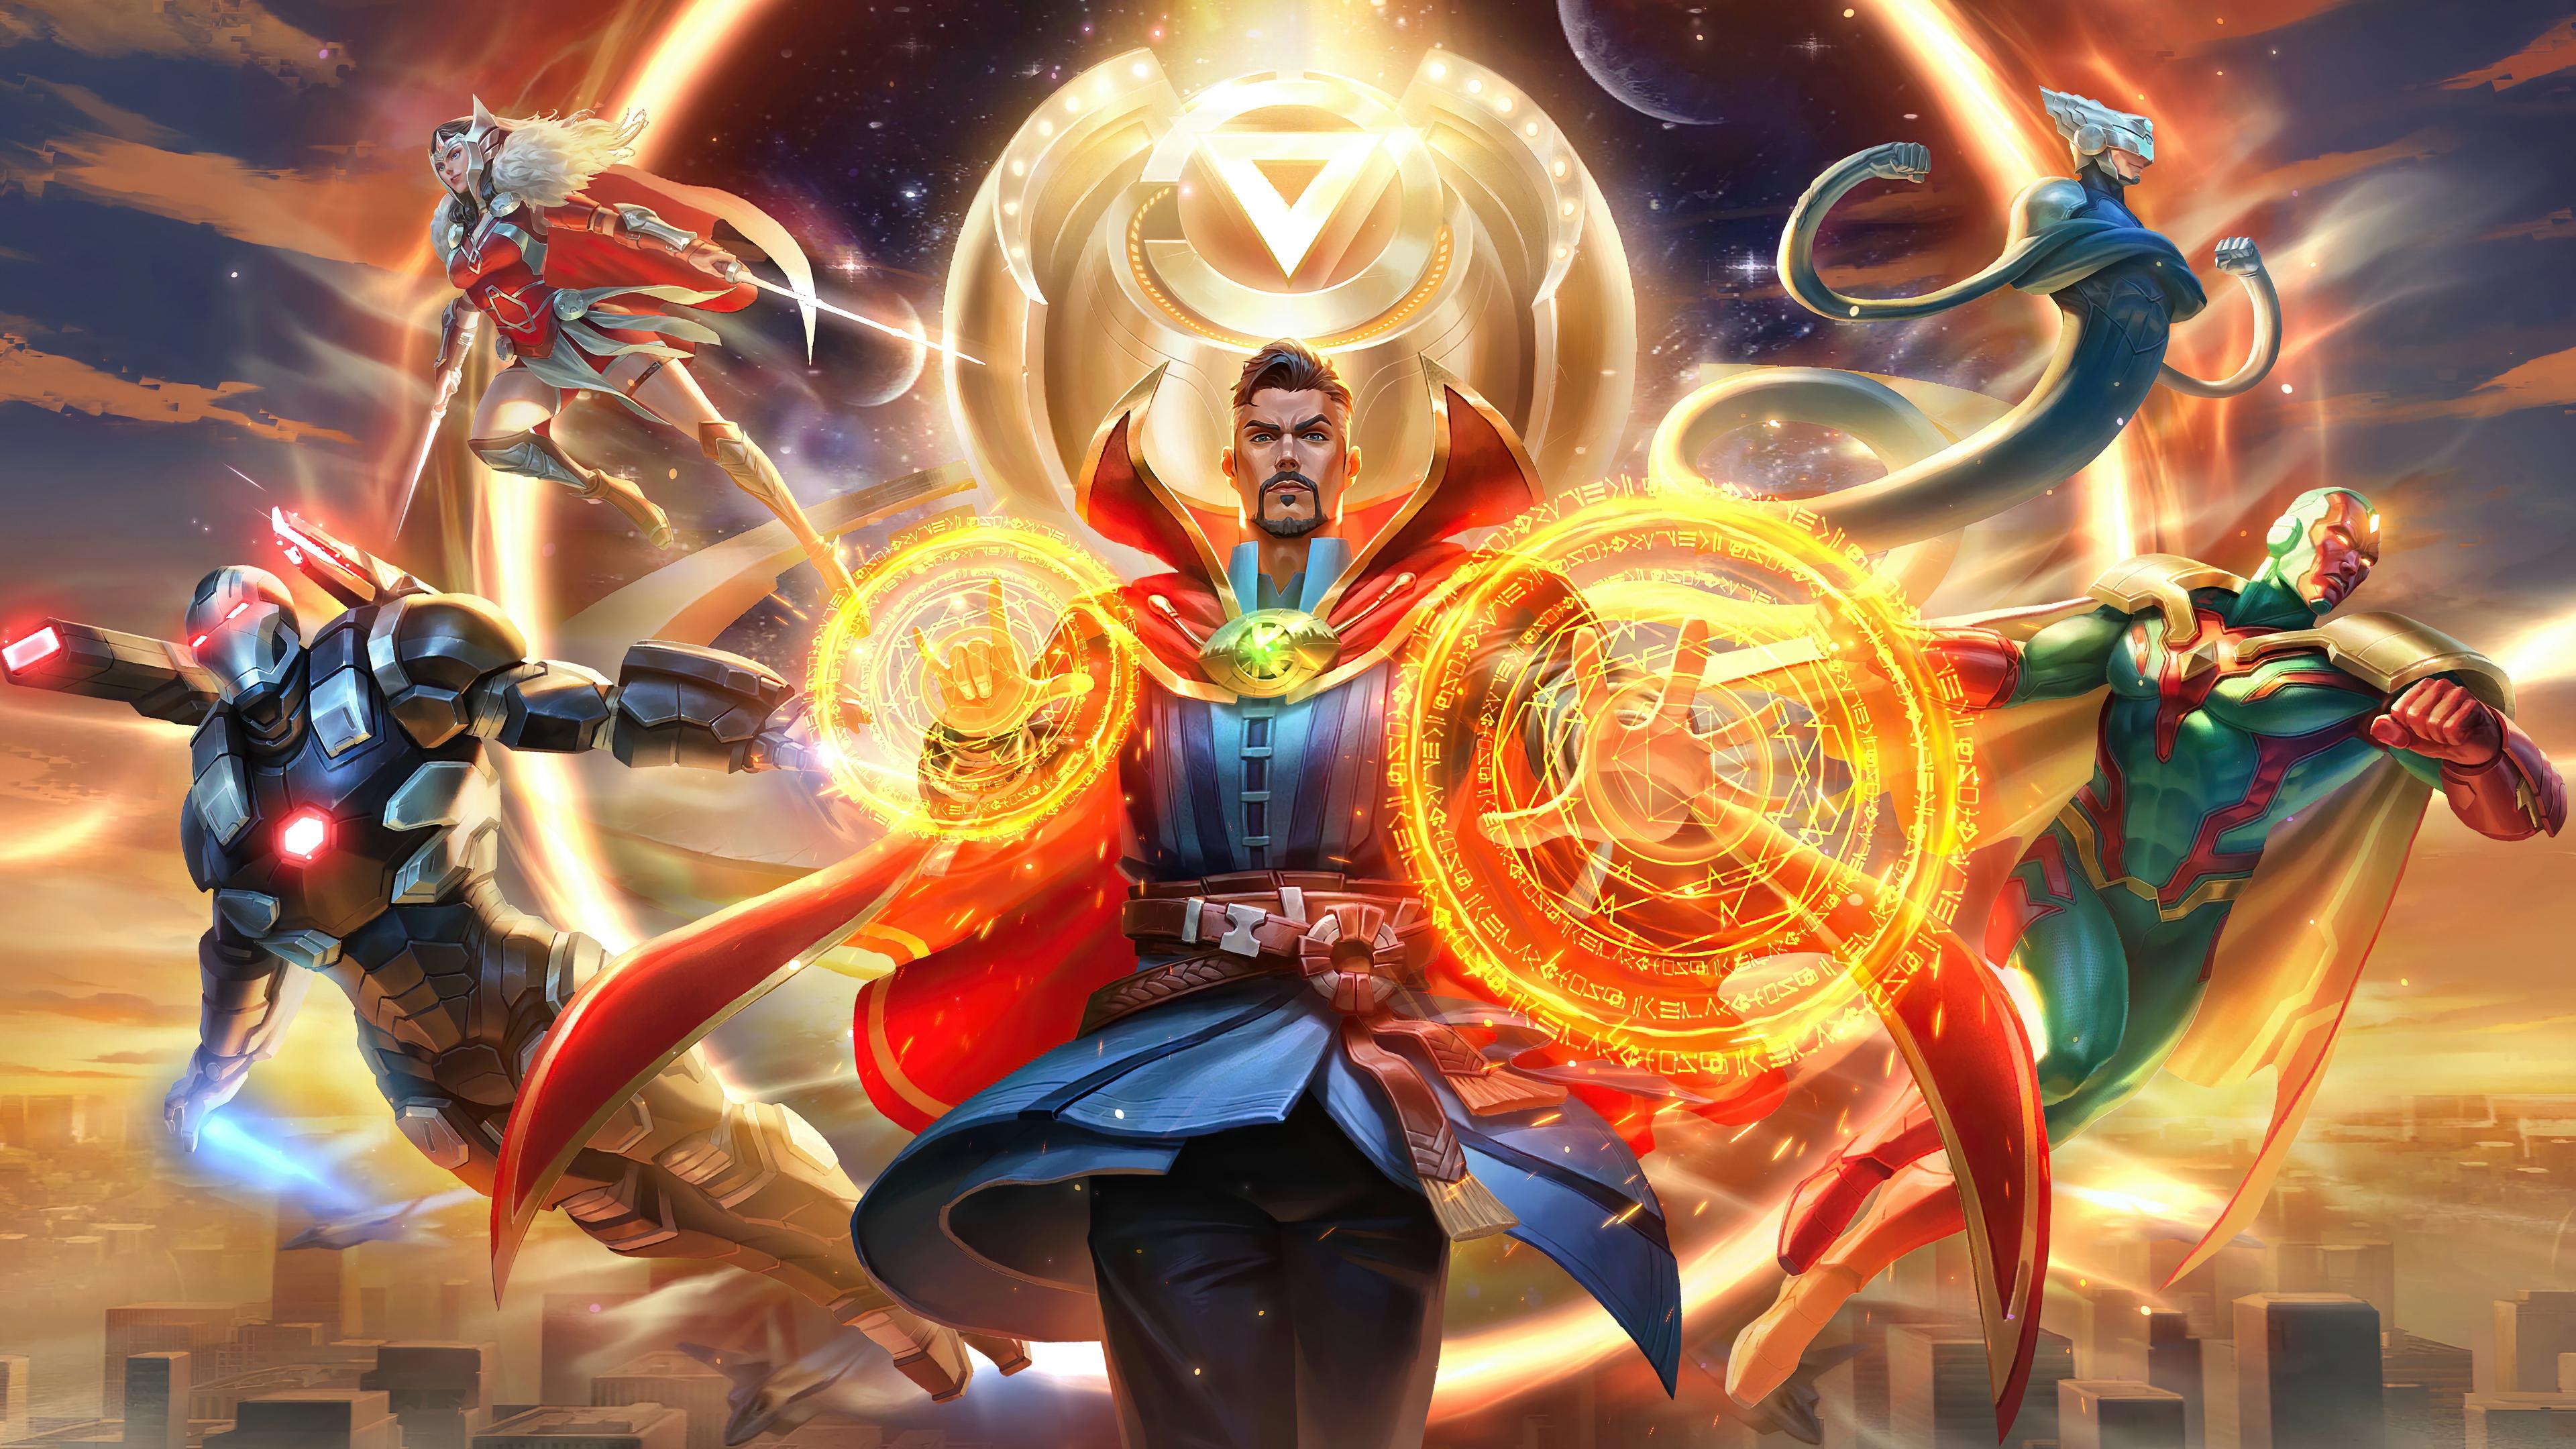 Marvel Super War 4k 2020, HD Artist, 4k Wallpapers, Images ...